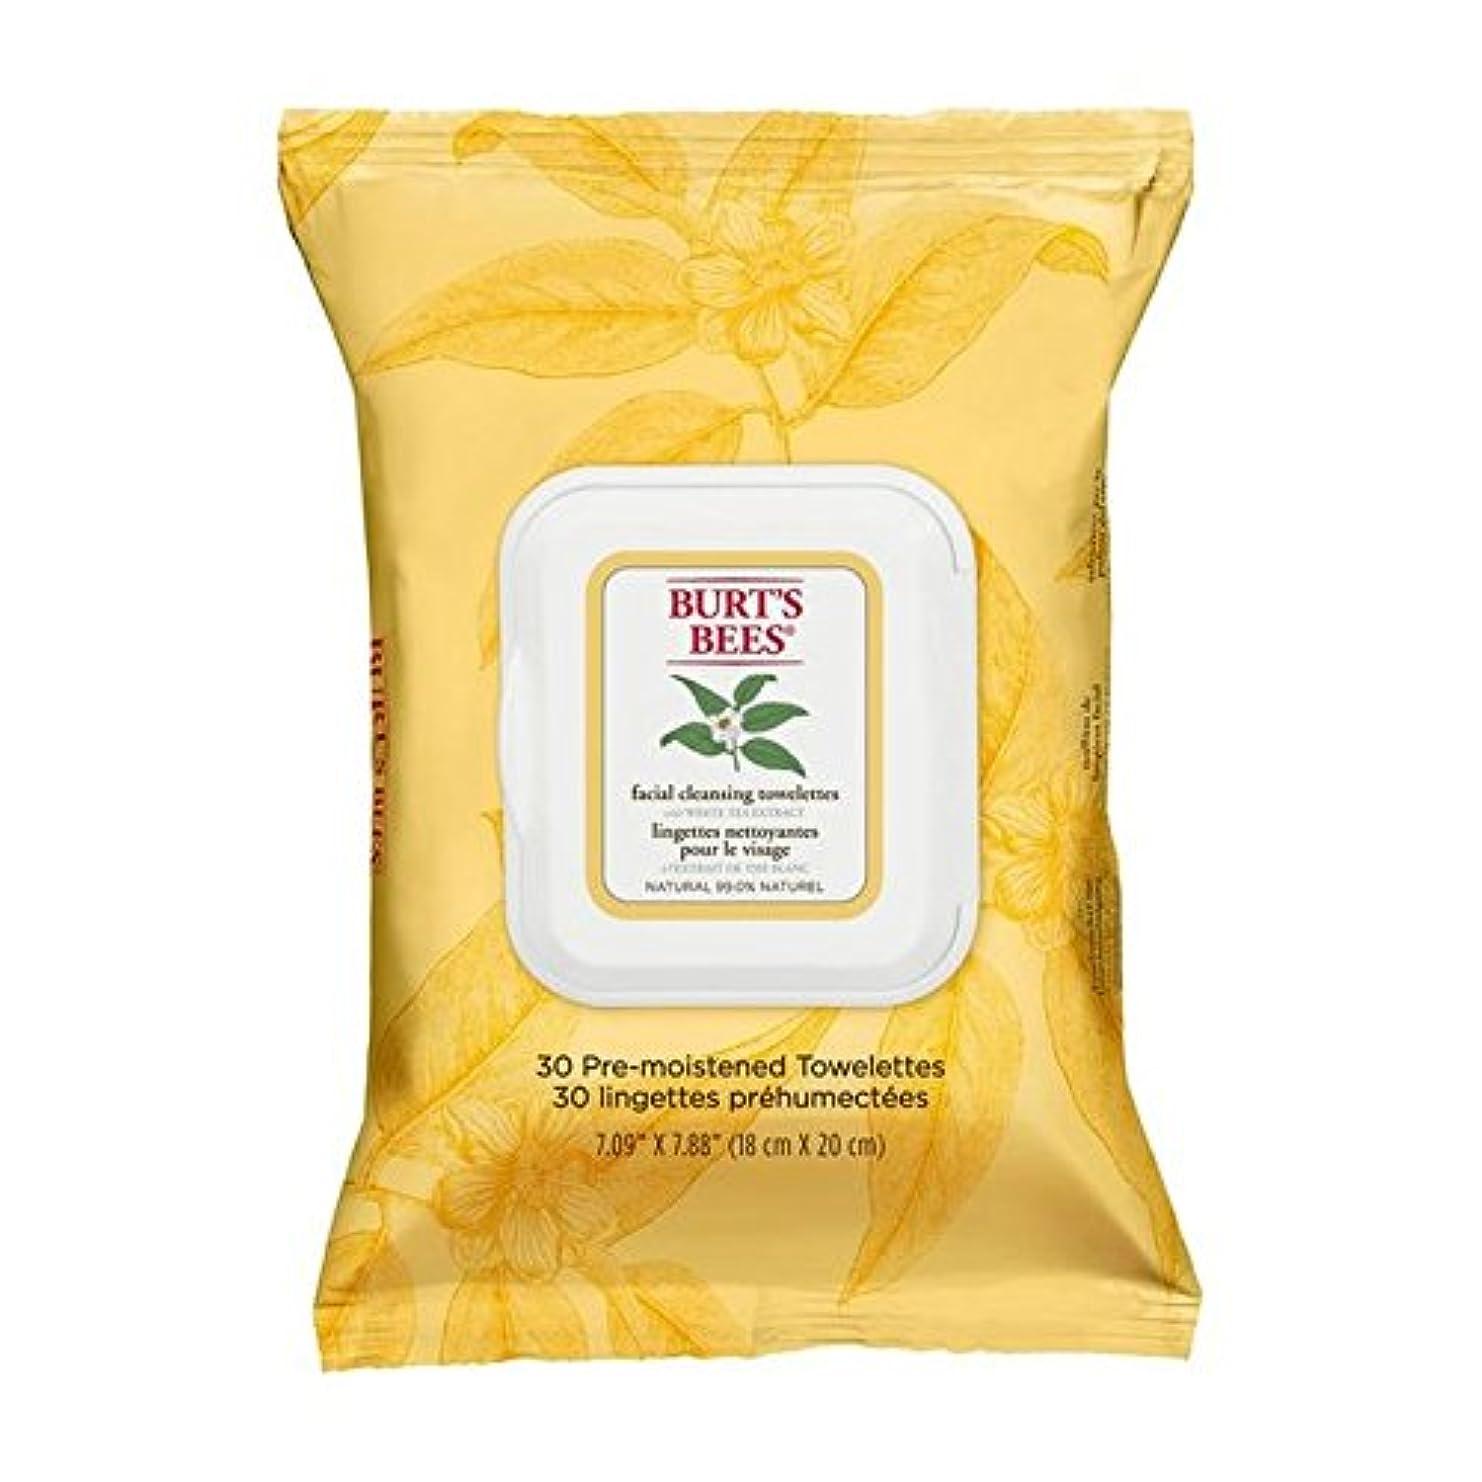 豆腐置き場中止しますホワイトティーエキスとバーツビー洗顔ペーパータオル x4 - Burt's Bees Facial Cleansing Towelettes with White Tea Extract (Pack of 4) [並行輸入品]